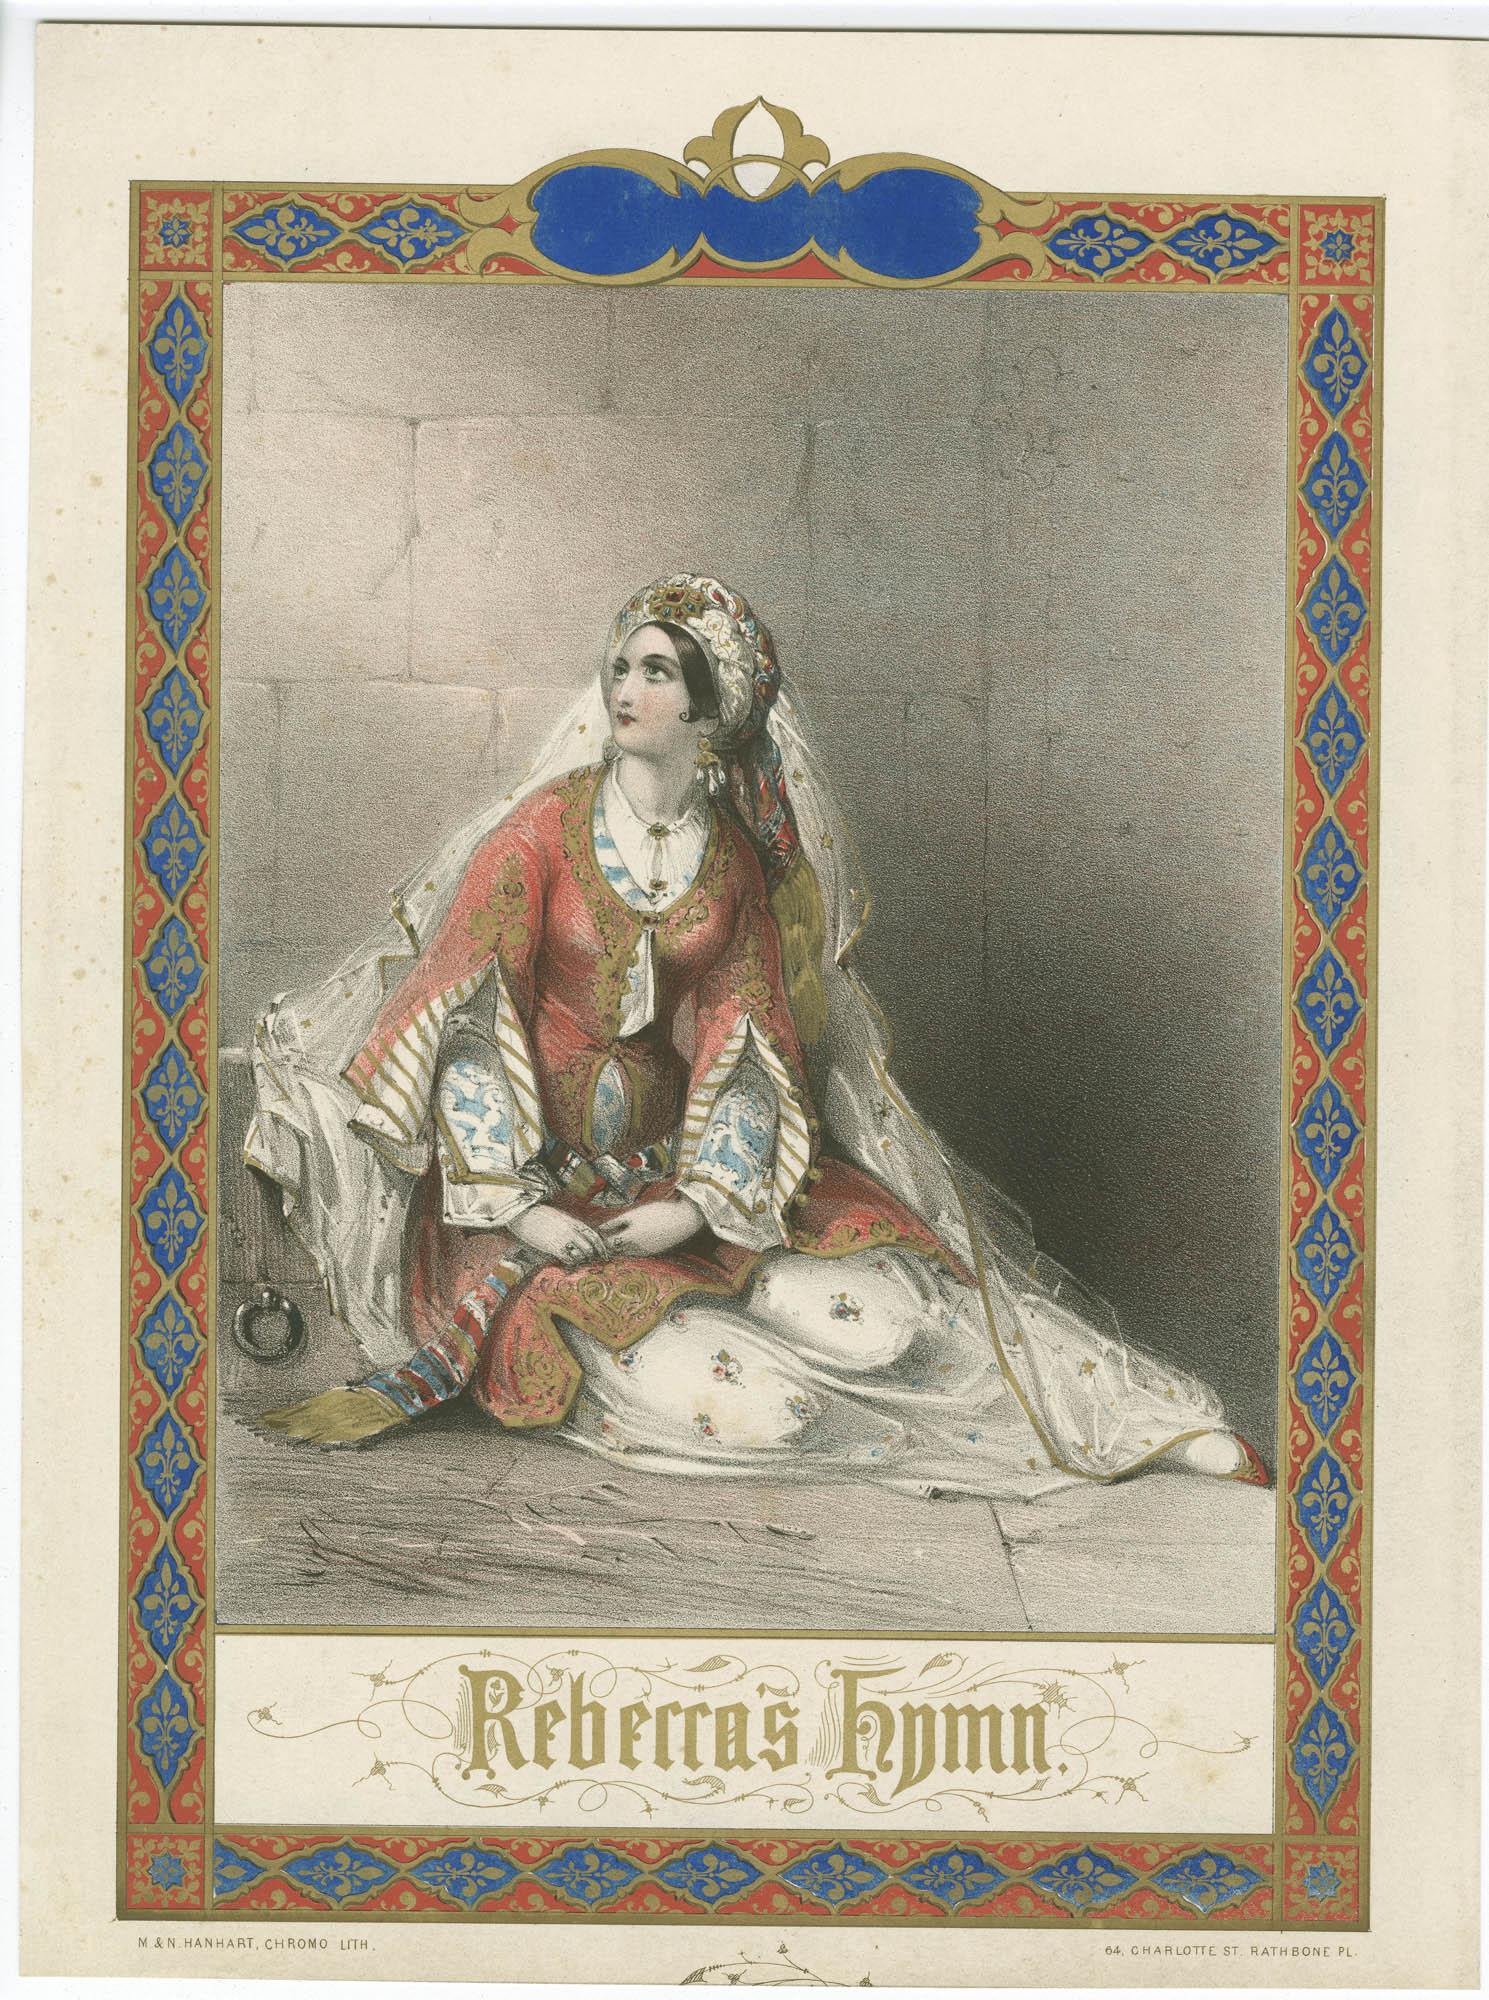 Rebecca's Hymn